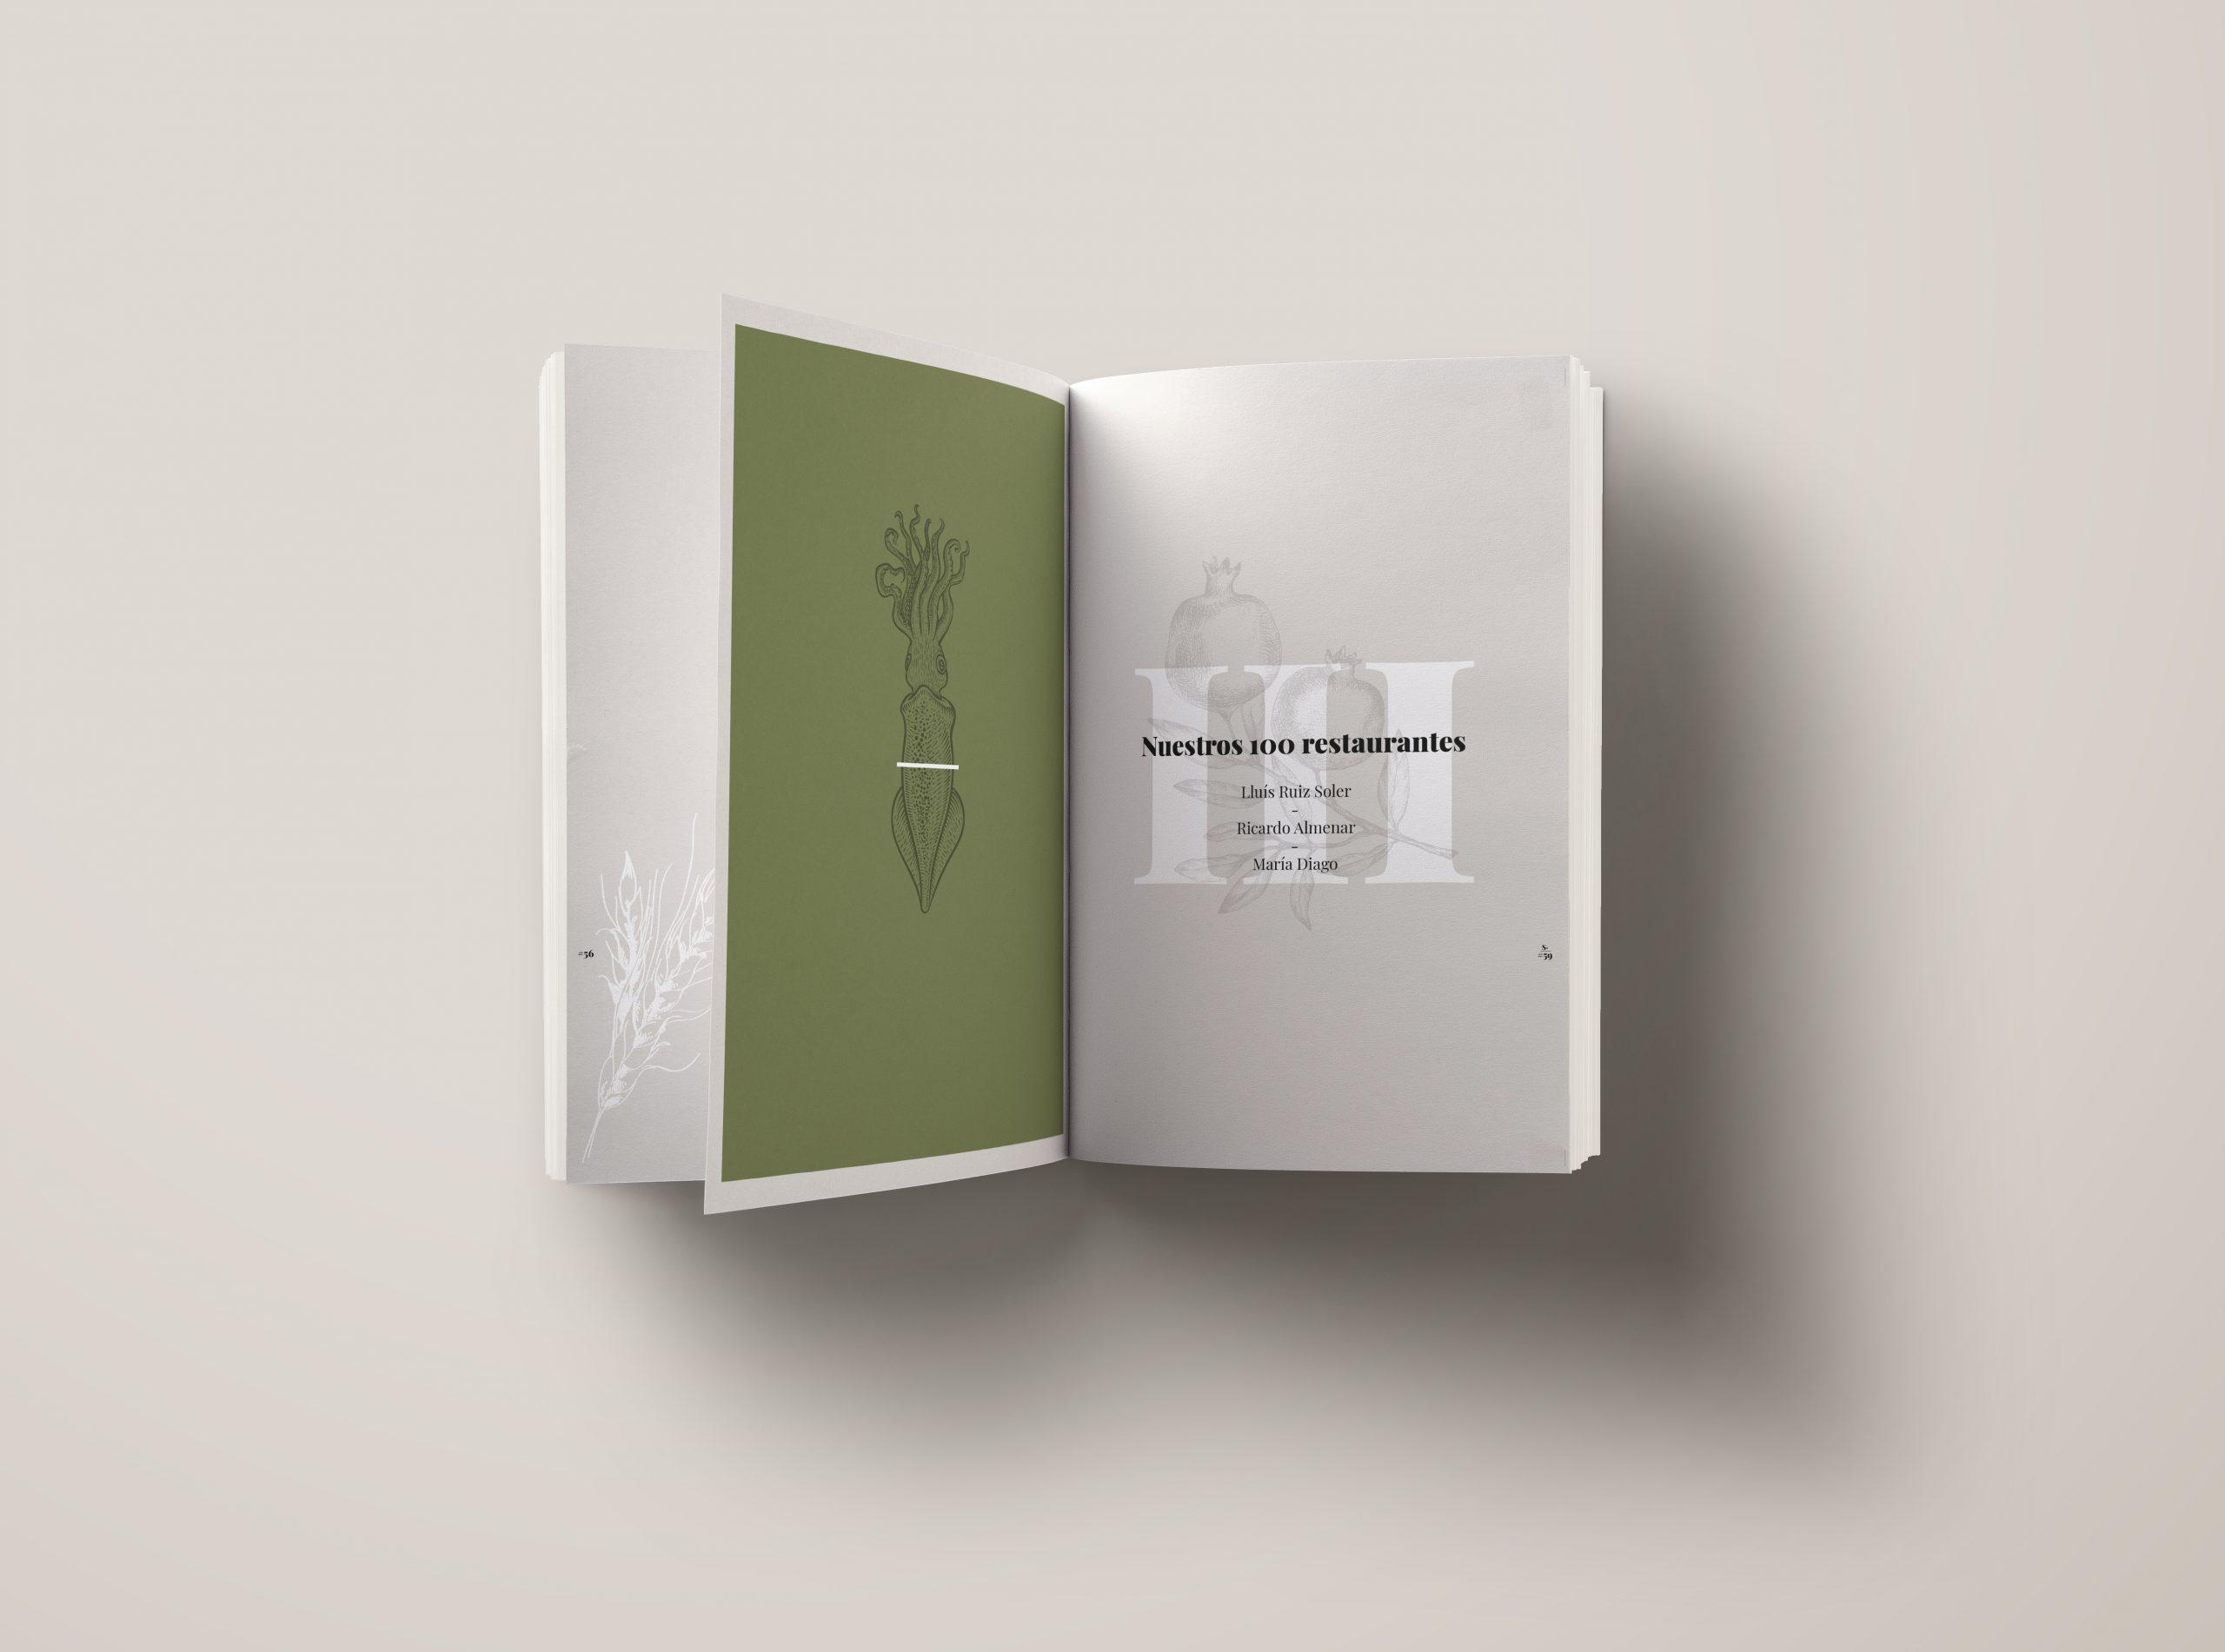 Impresión ecológica para una guía ecológica. Así es la guía Sustentable Interior libro - Guía sustentable de la Comunitat Valenciana